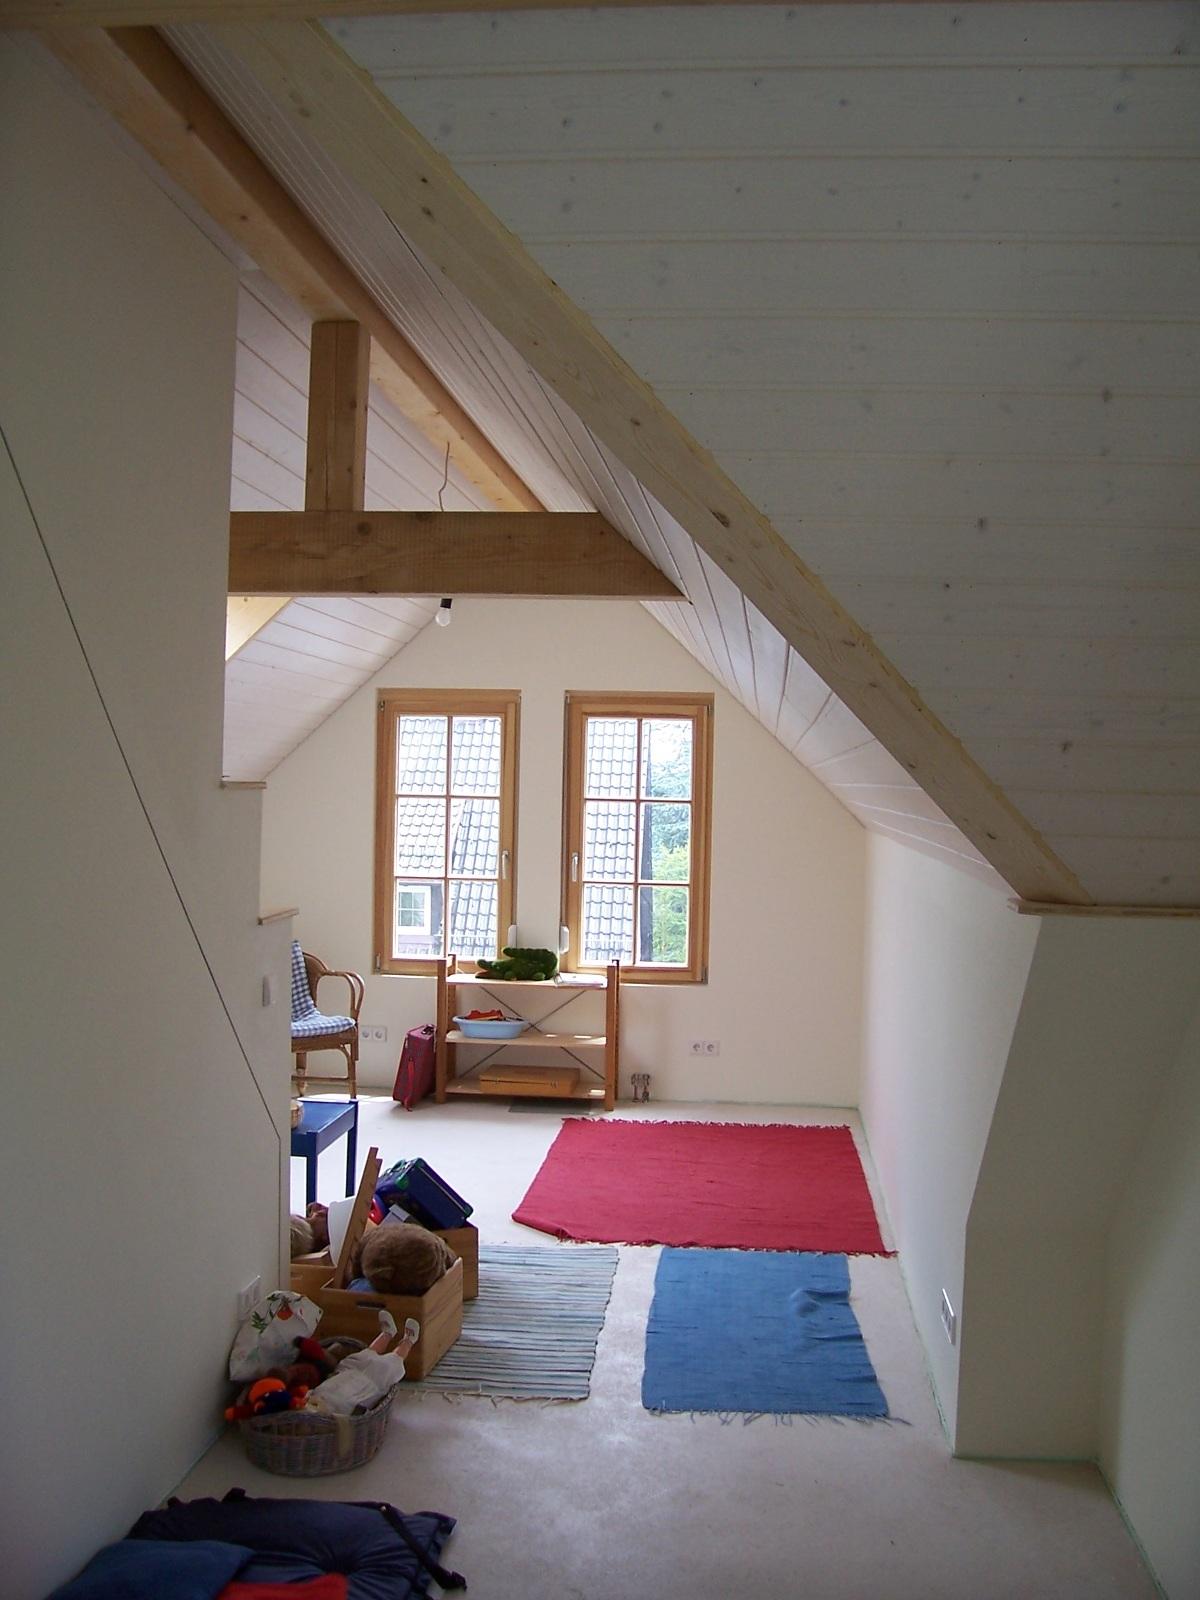 anbau und aufstockung in holzrahmenbauweise zimmerei hombach. Black Bedroom Furniture Sets. Home Design Ideas